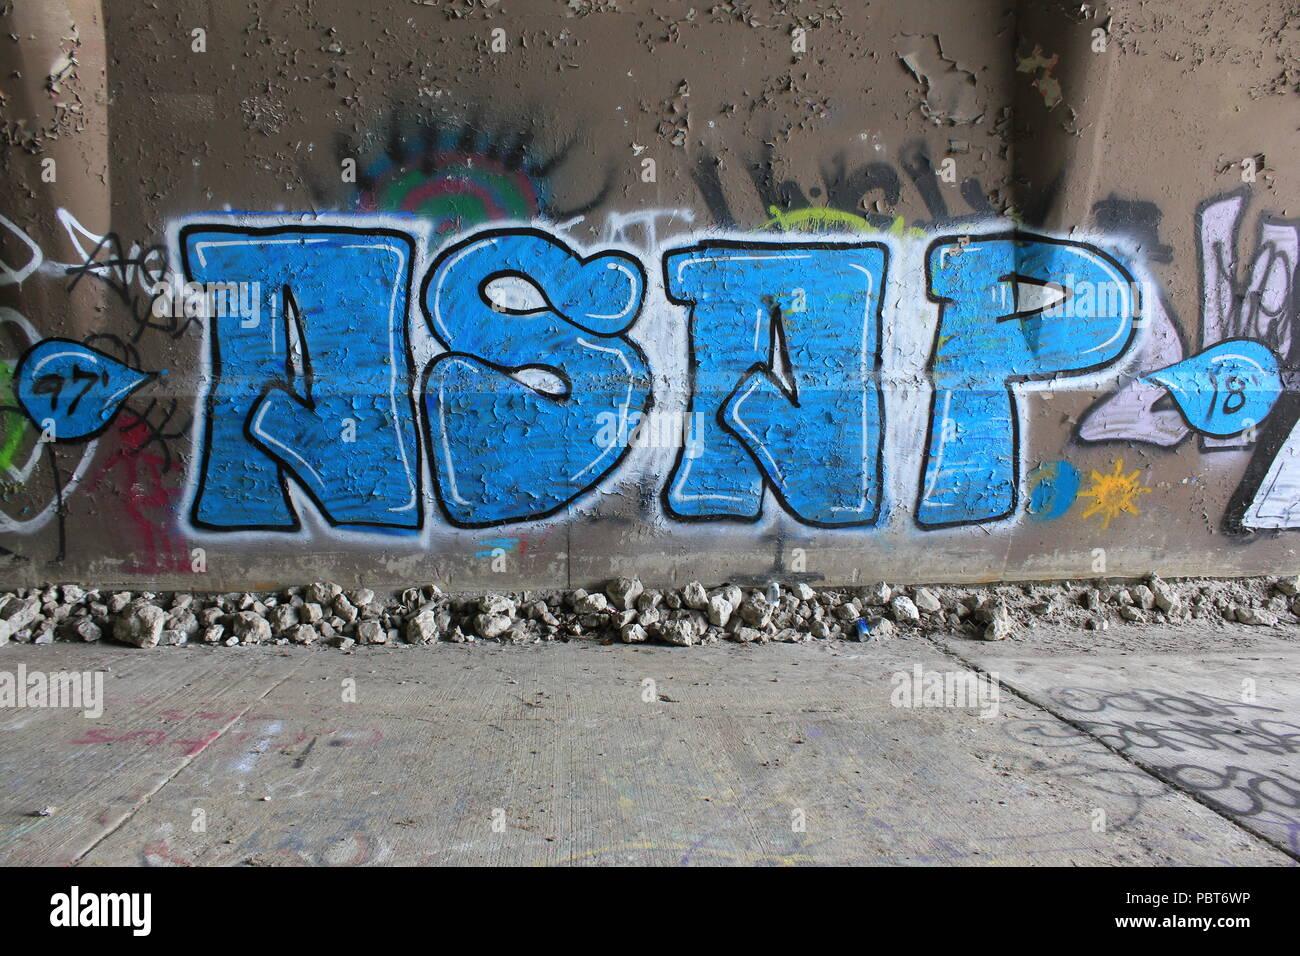 ASAP graffiti pintado bajo el puente de la autopista en la Bagh forest preserve en Chicago, Illinois, en un día soleado. Imagen De Stock